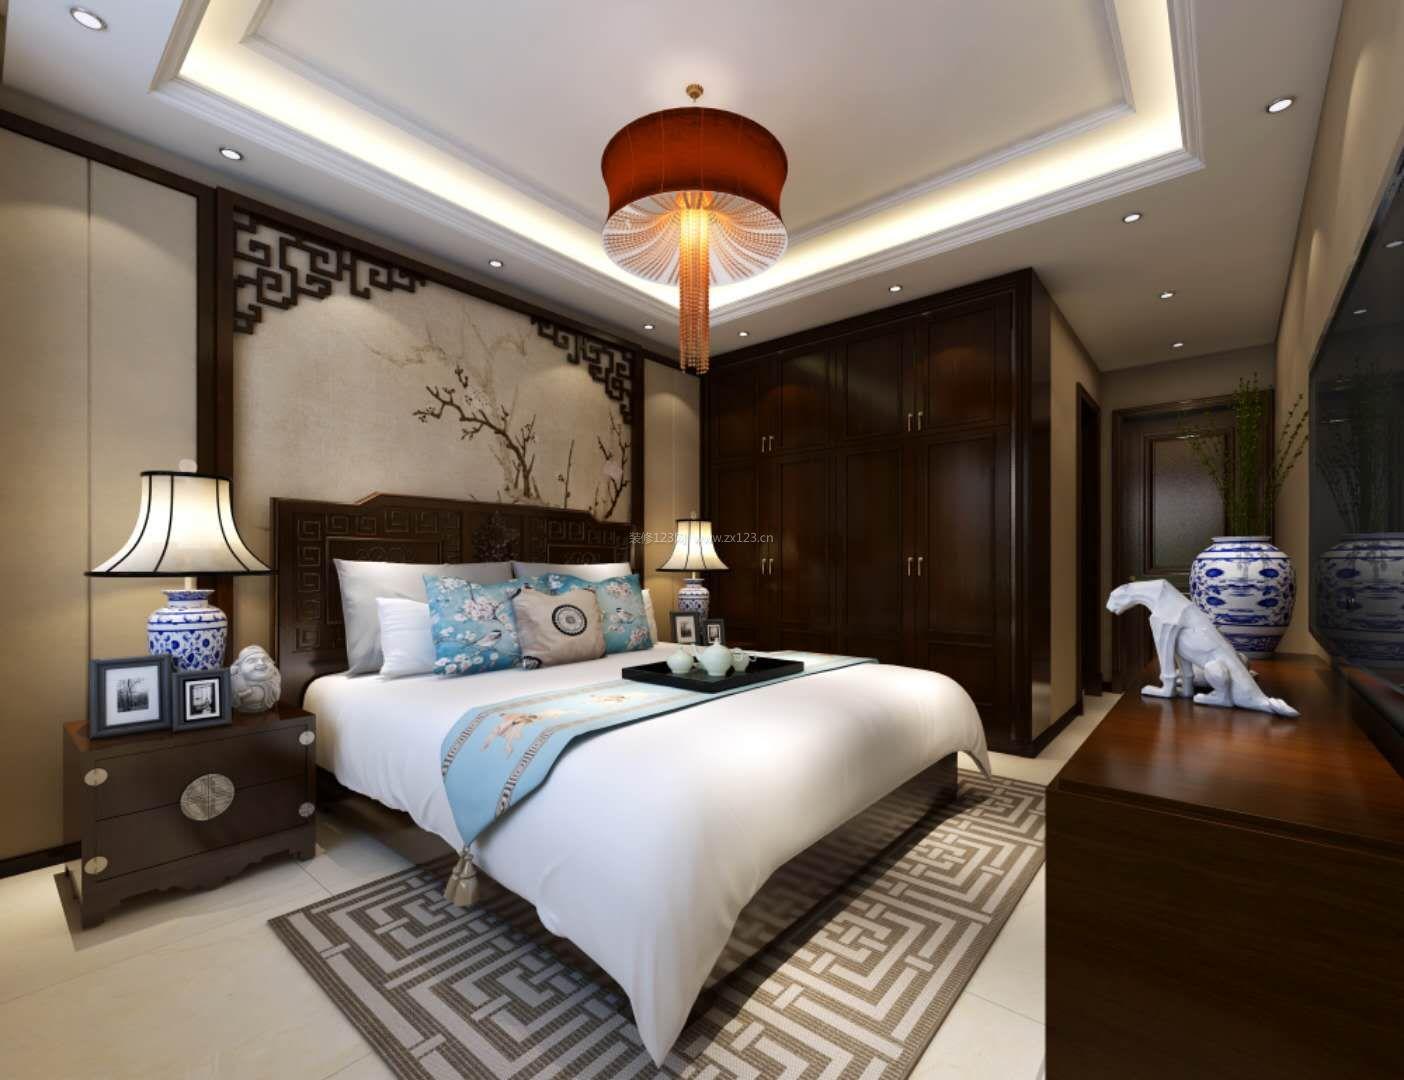 2018中式主卧室房床头背景墙装修效果图